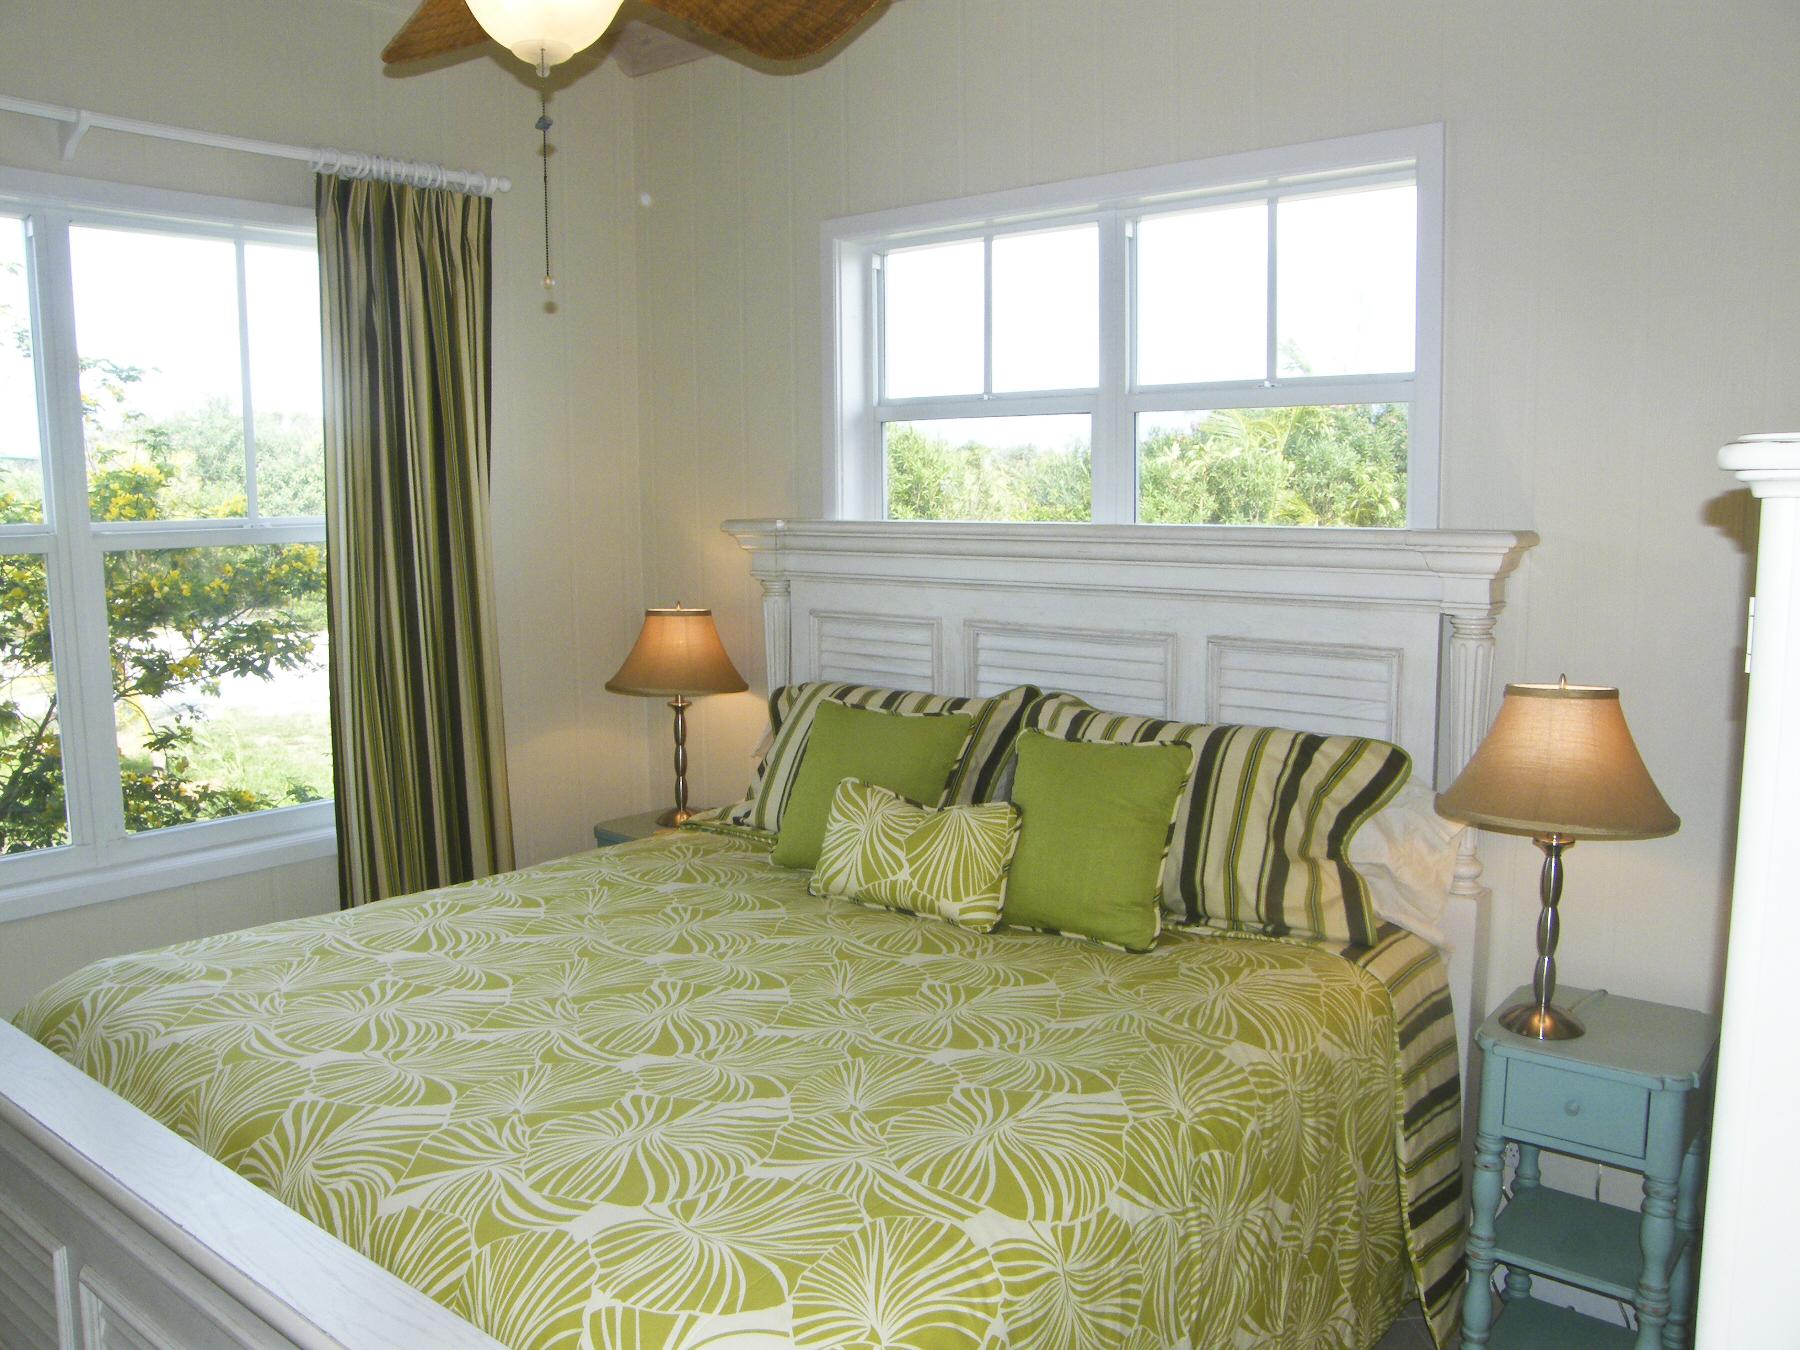 Bedroom_DSCF1563_0036_036CROP.jpg